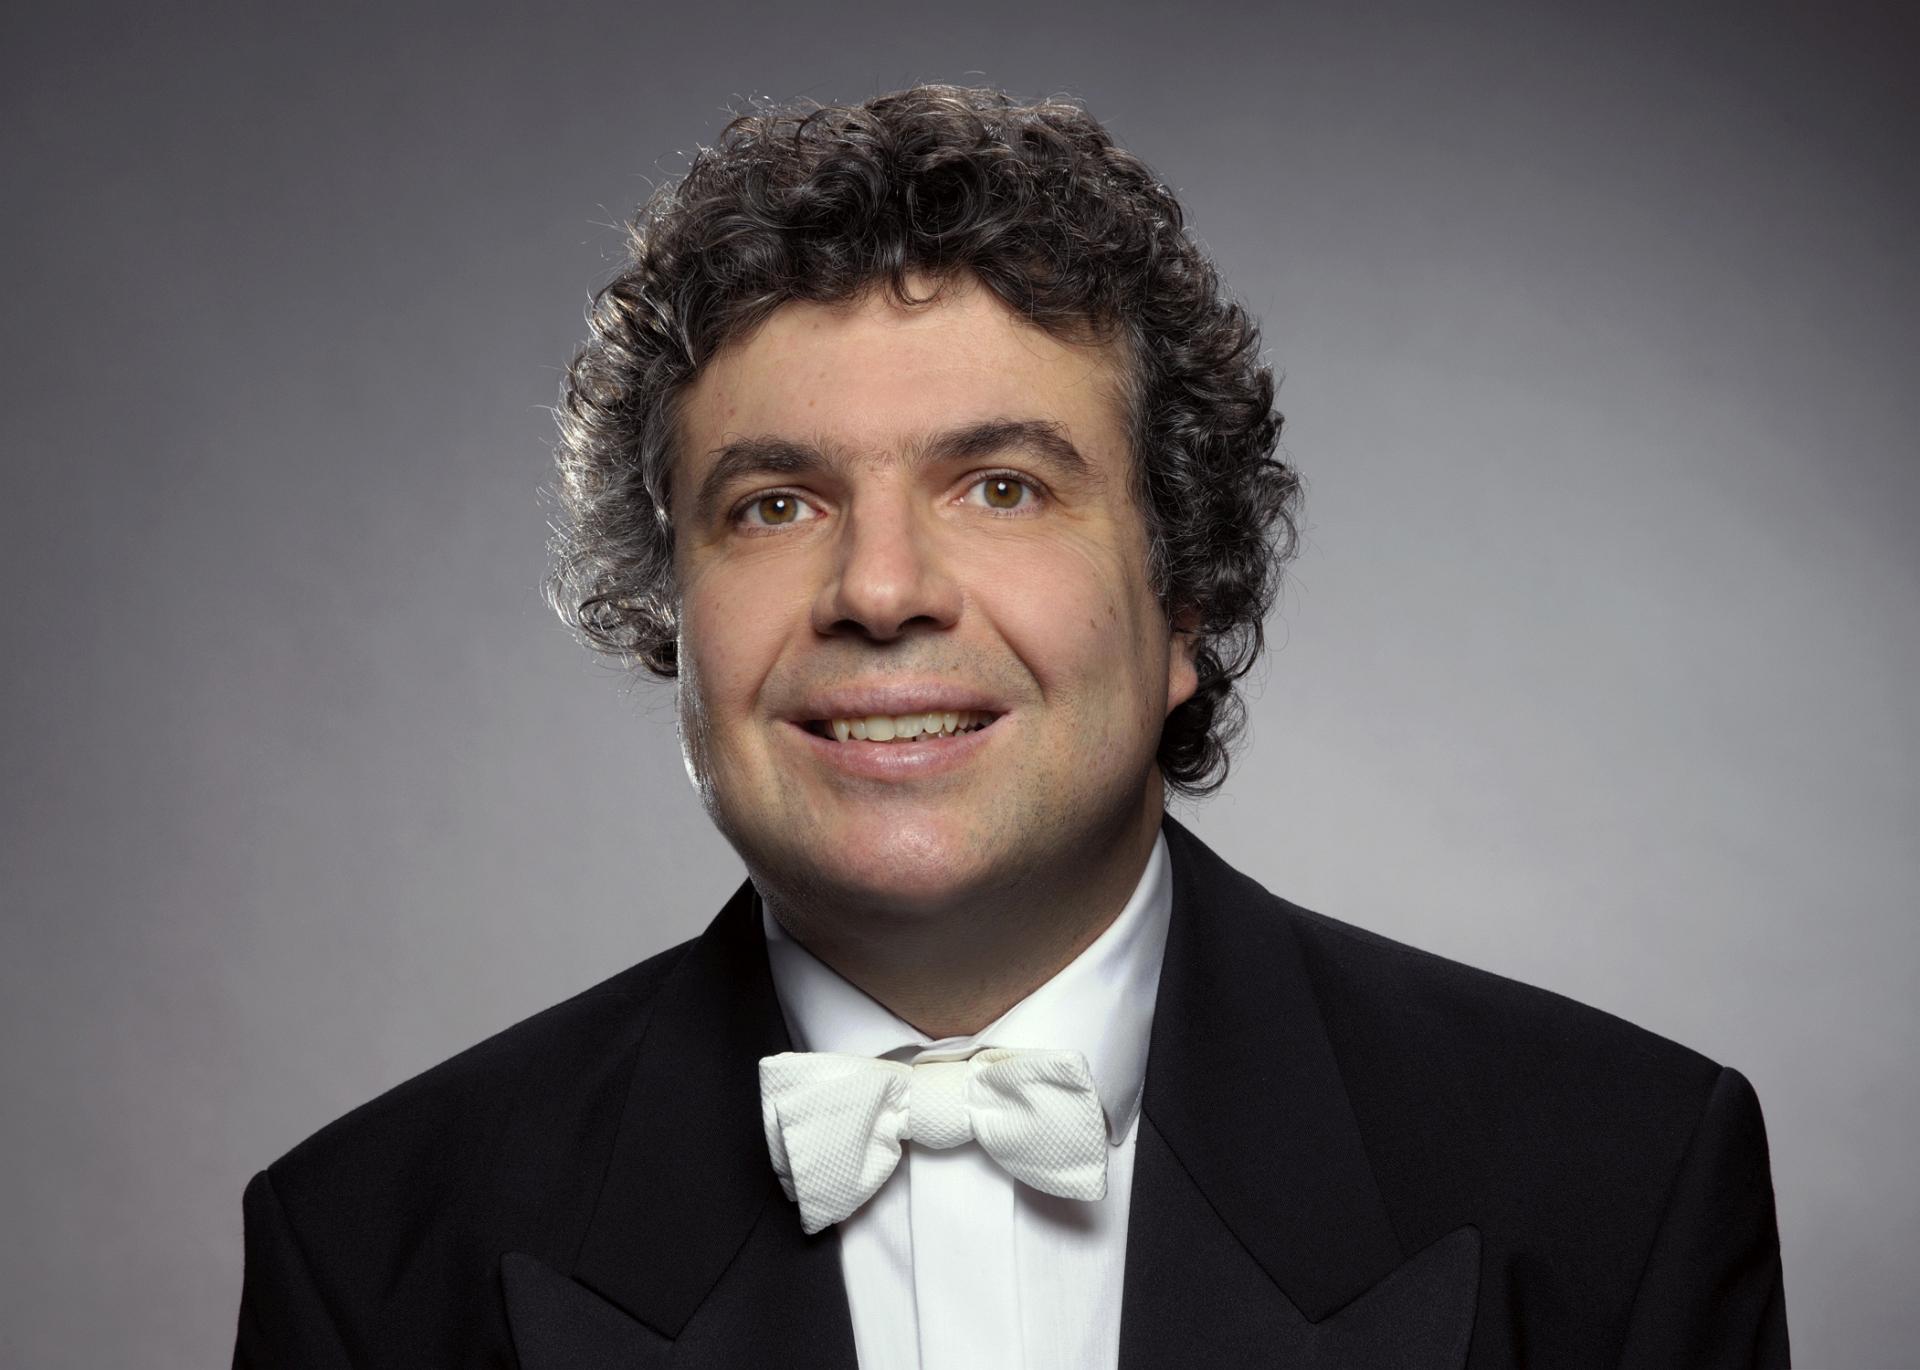 Vogtland Philharmonie startet in Greiz in die neue Sinfoniekonzertreihe